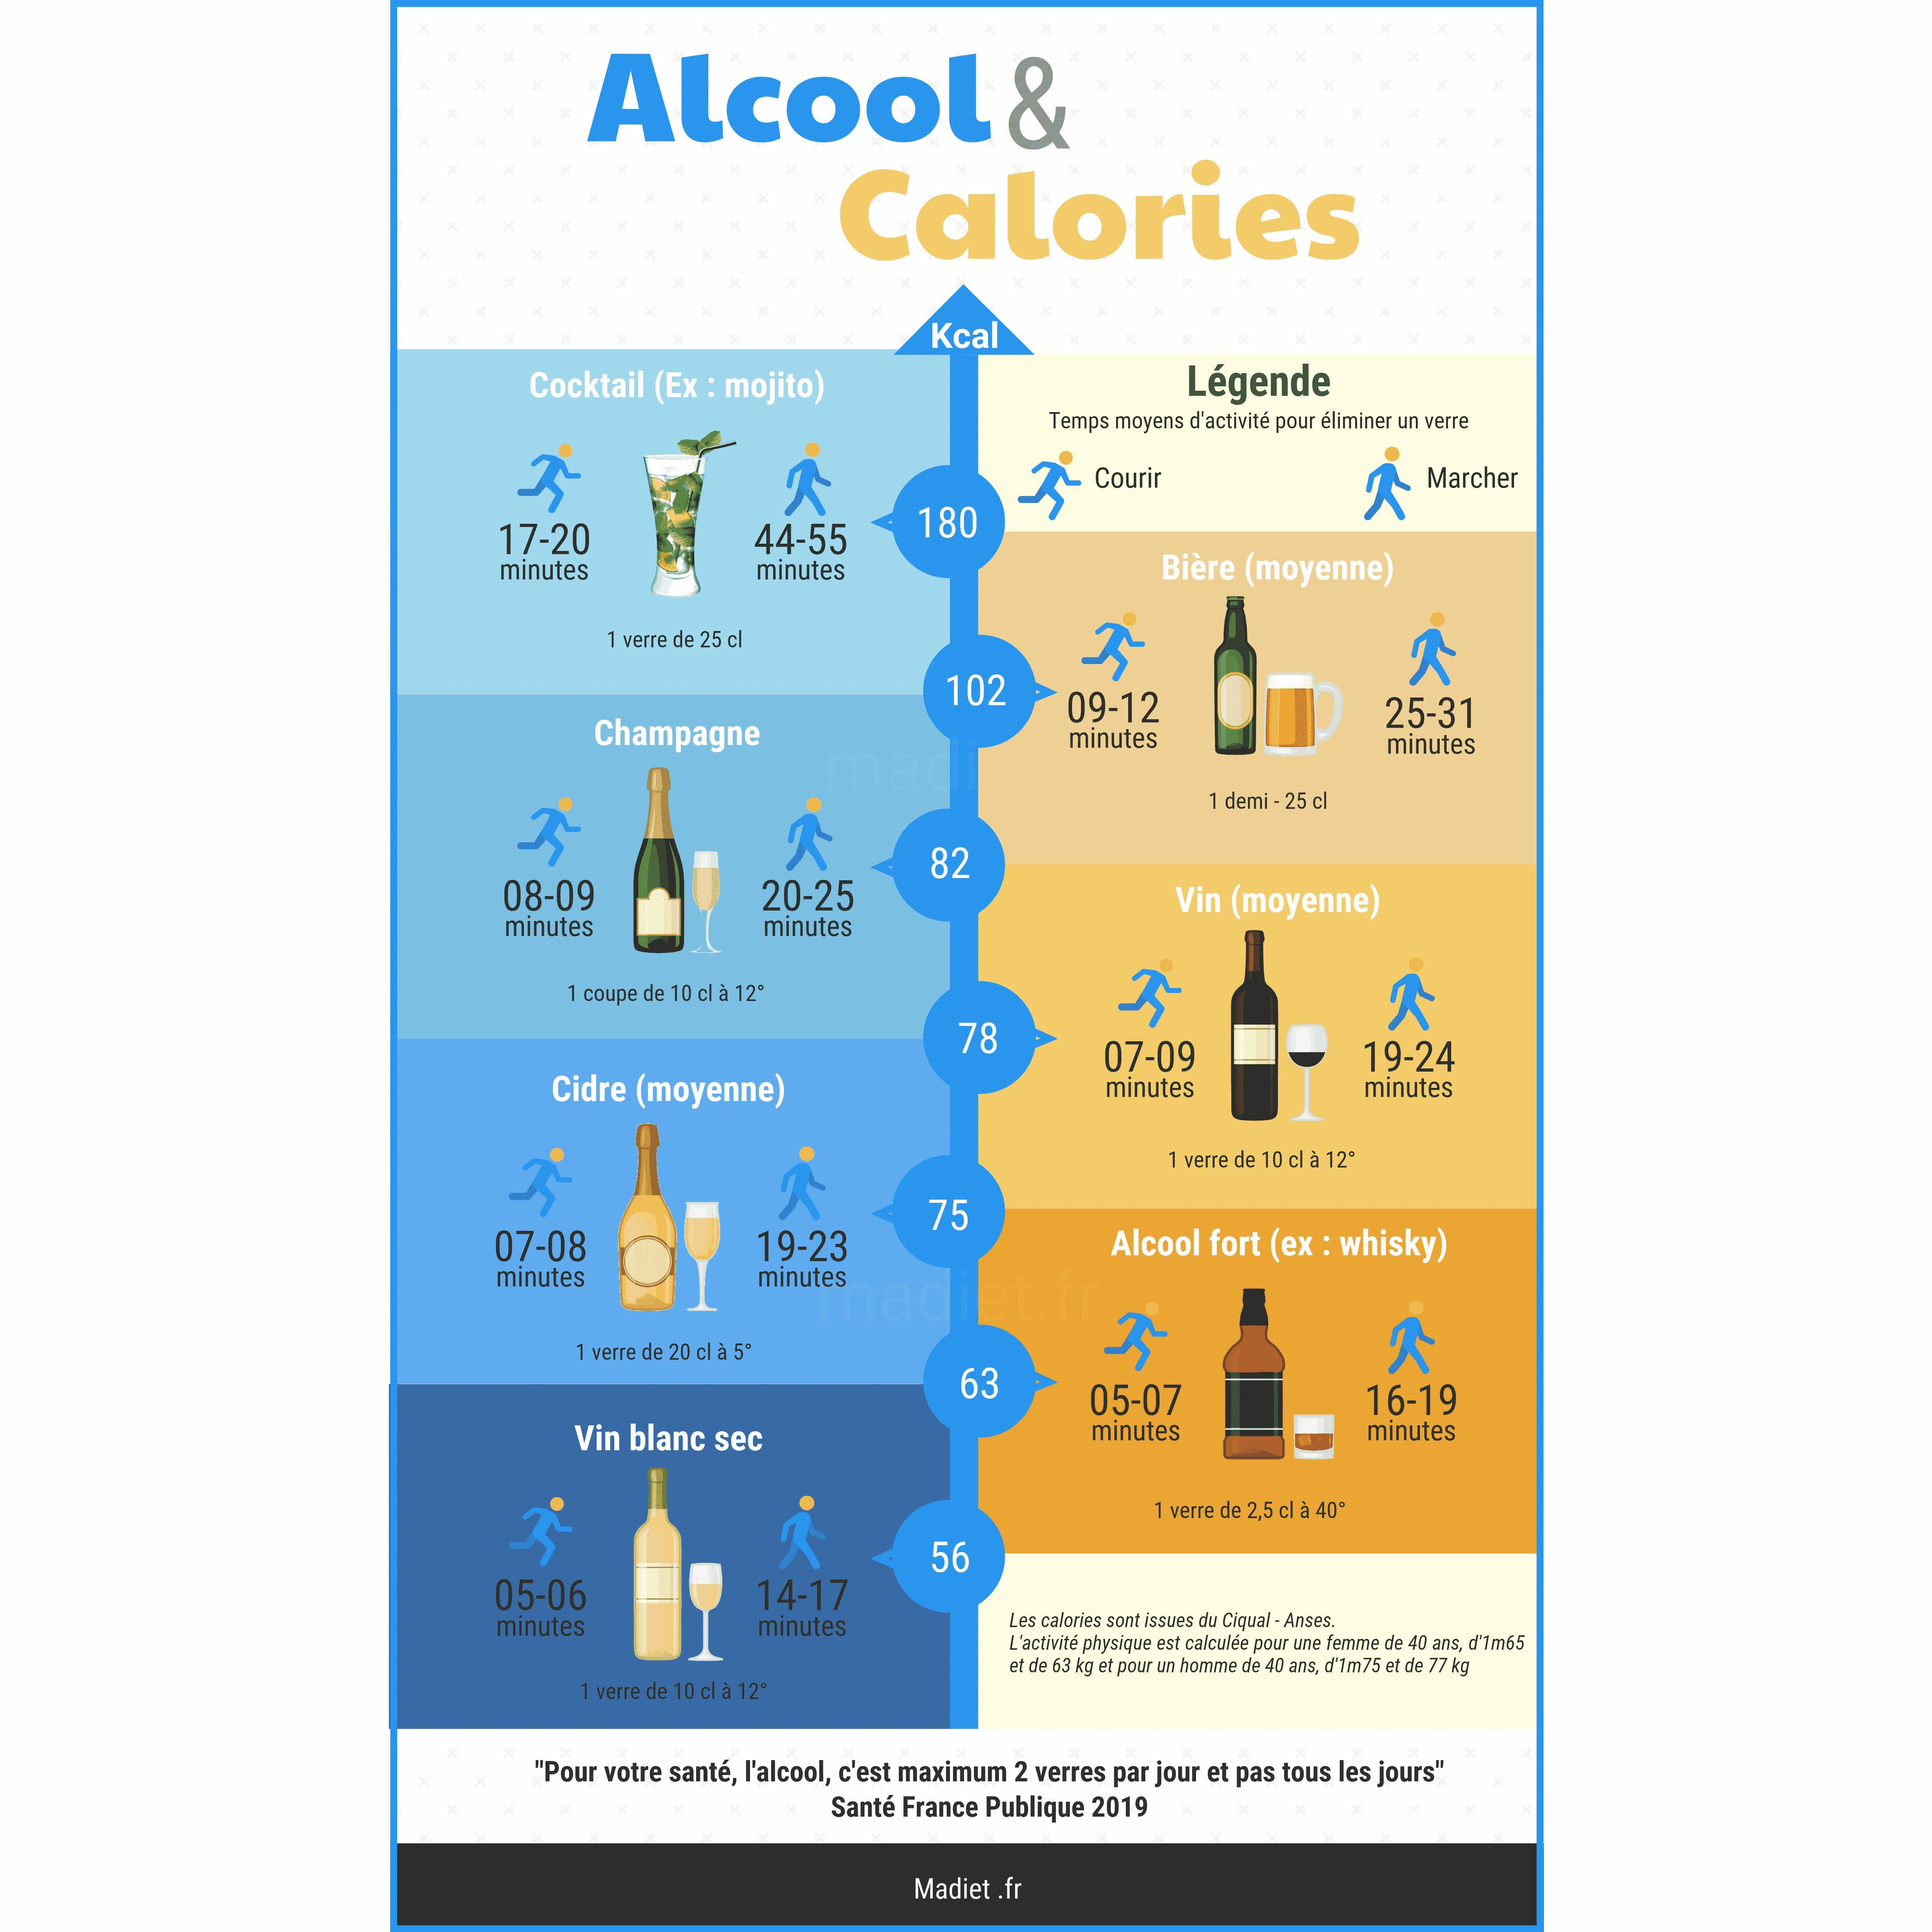 Calories des boissons alcoolisées